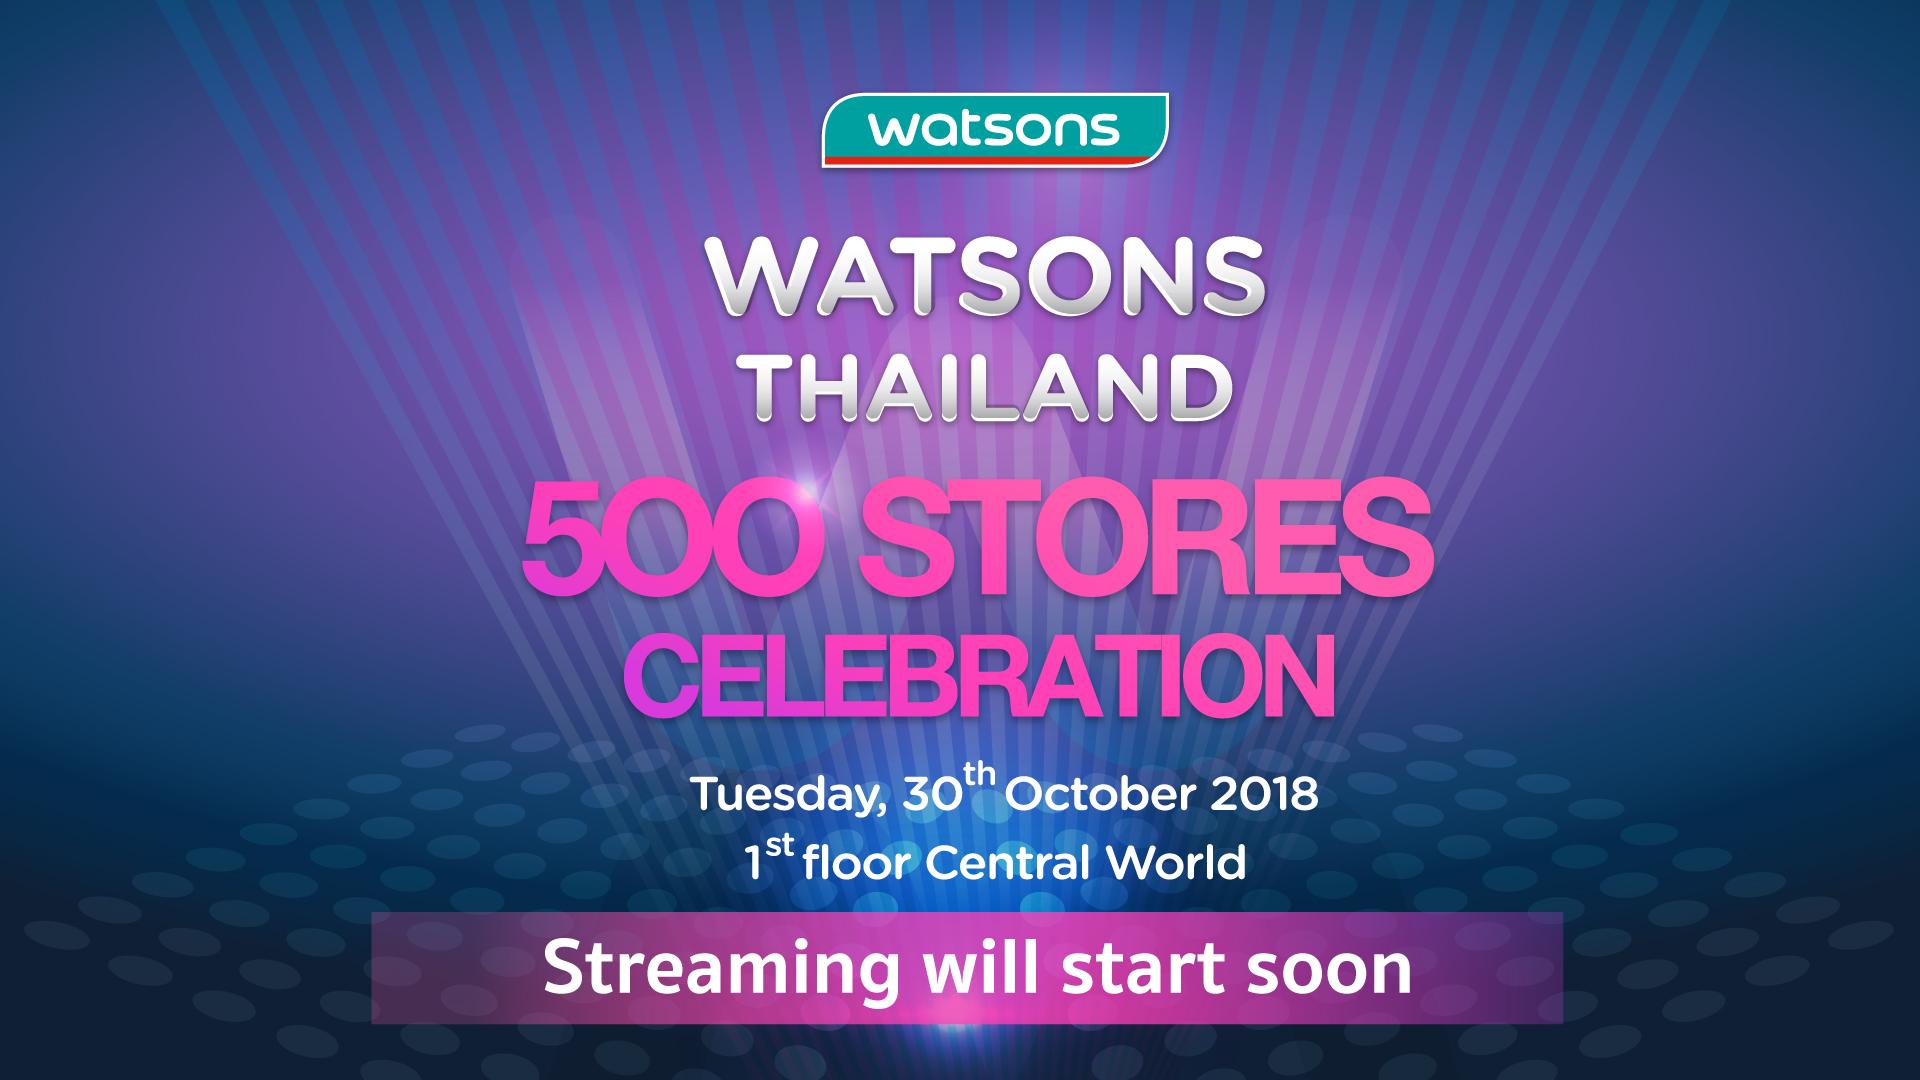 ชมย้อนหลัง Watsons 500 Stores Celebration